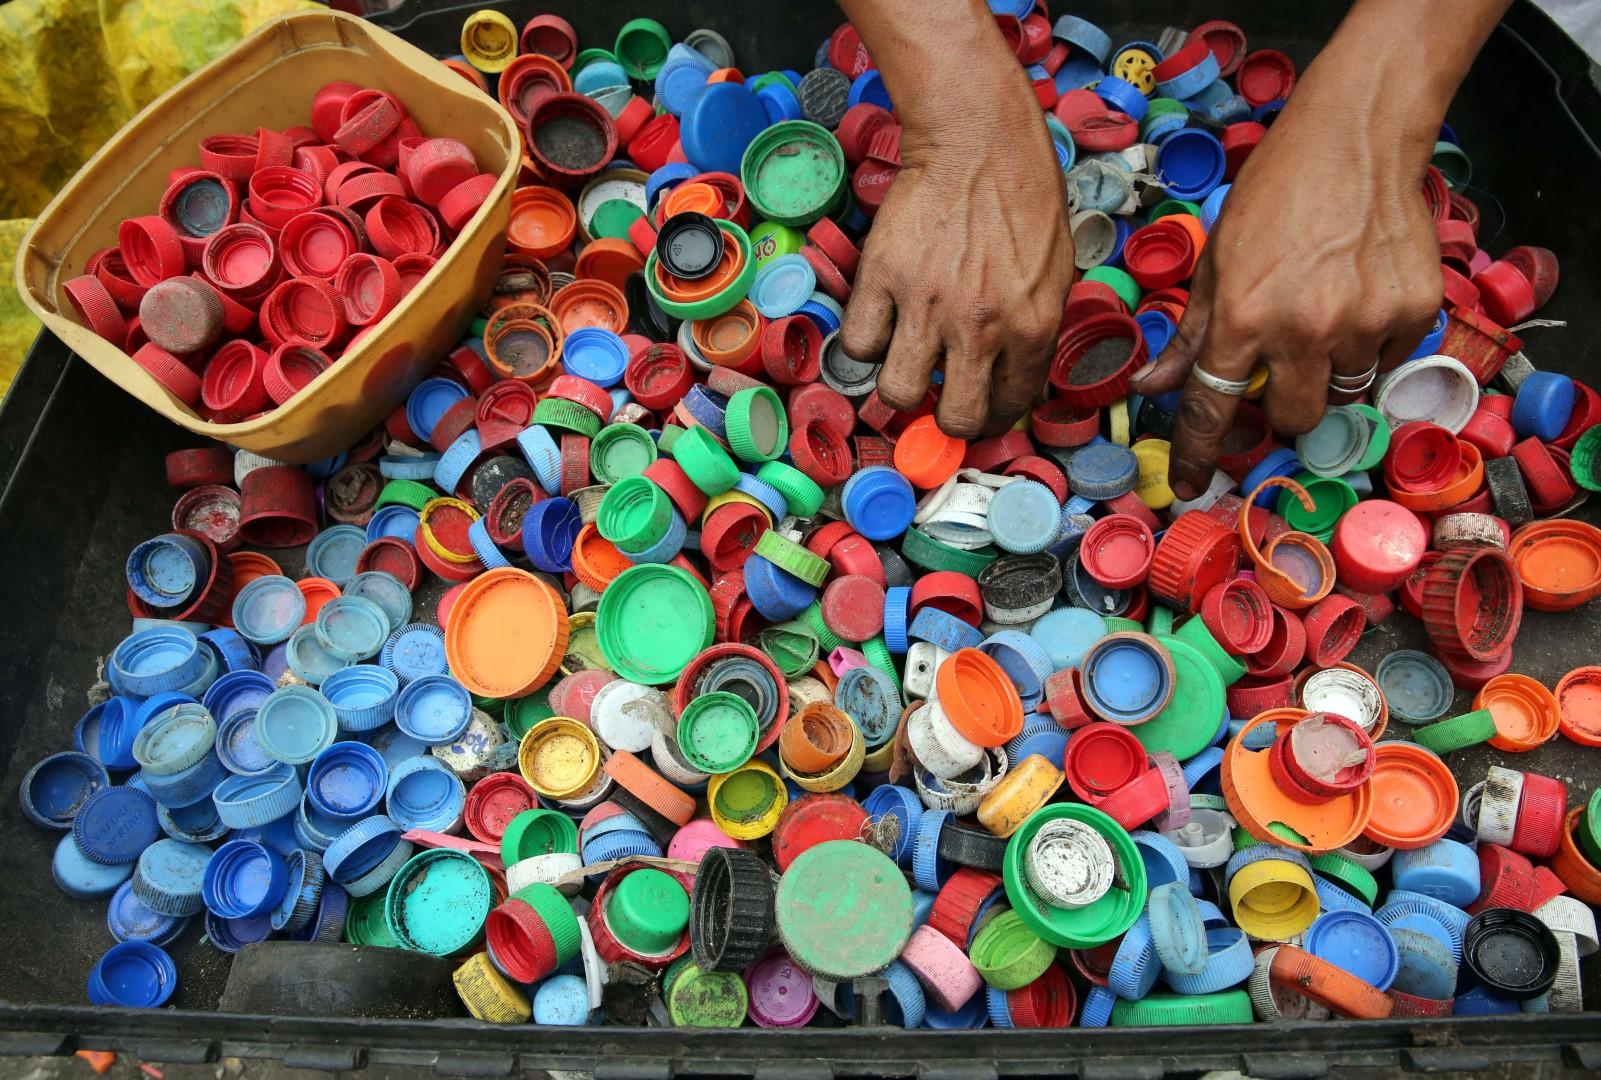 cum sa colectam selectiv plasticul - dopurile de sticla